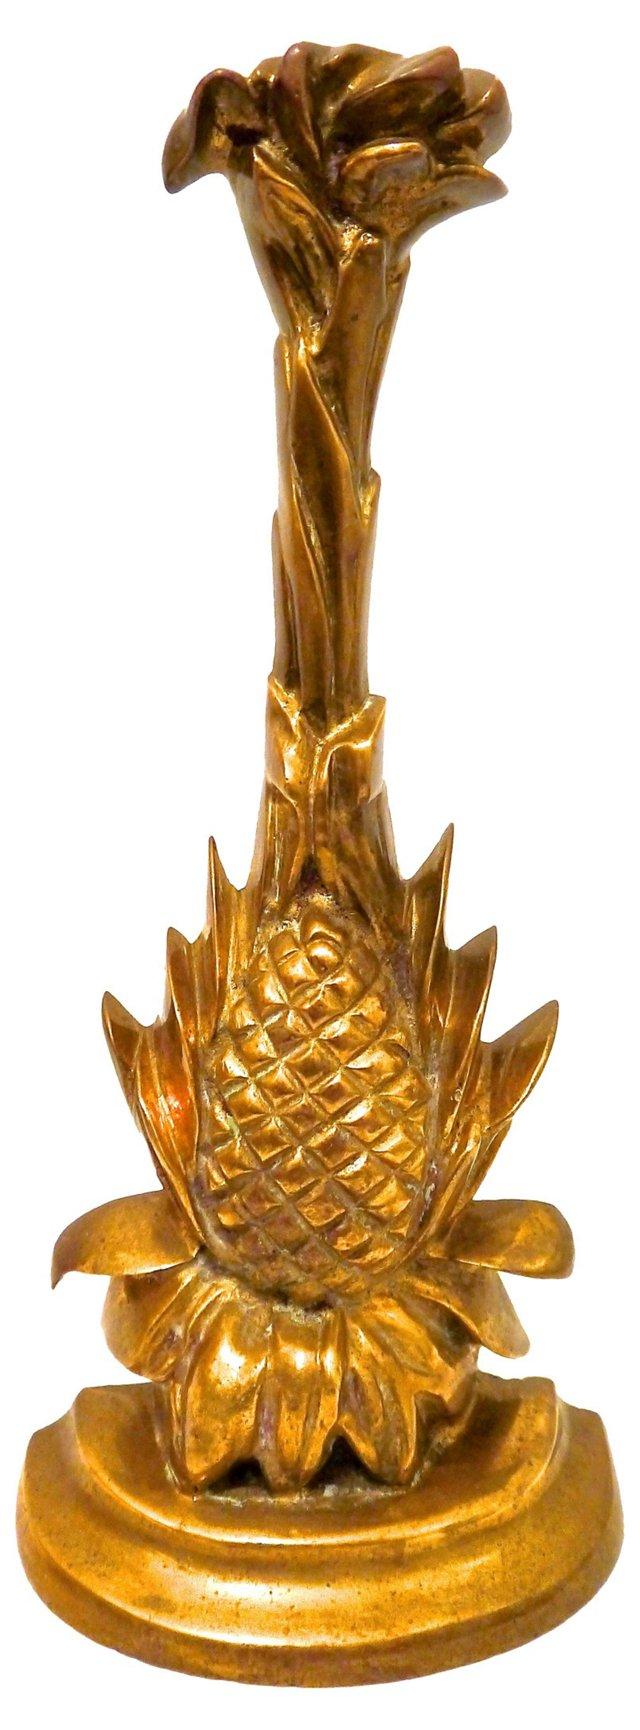 Brass Pineapple Doorstop